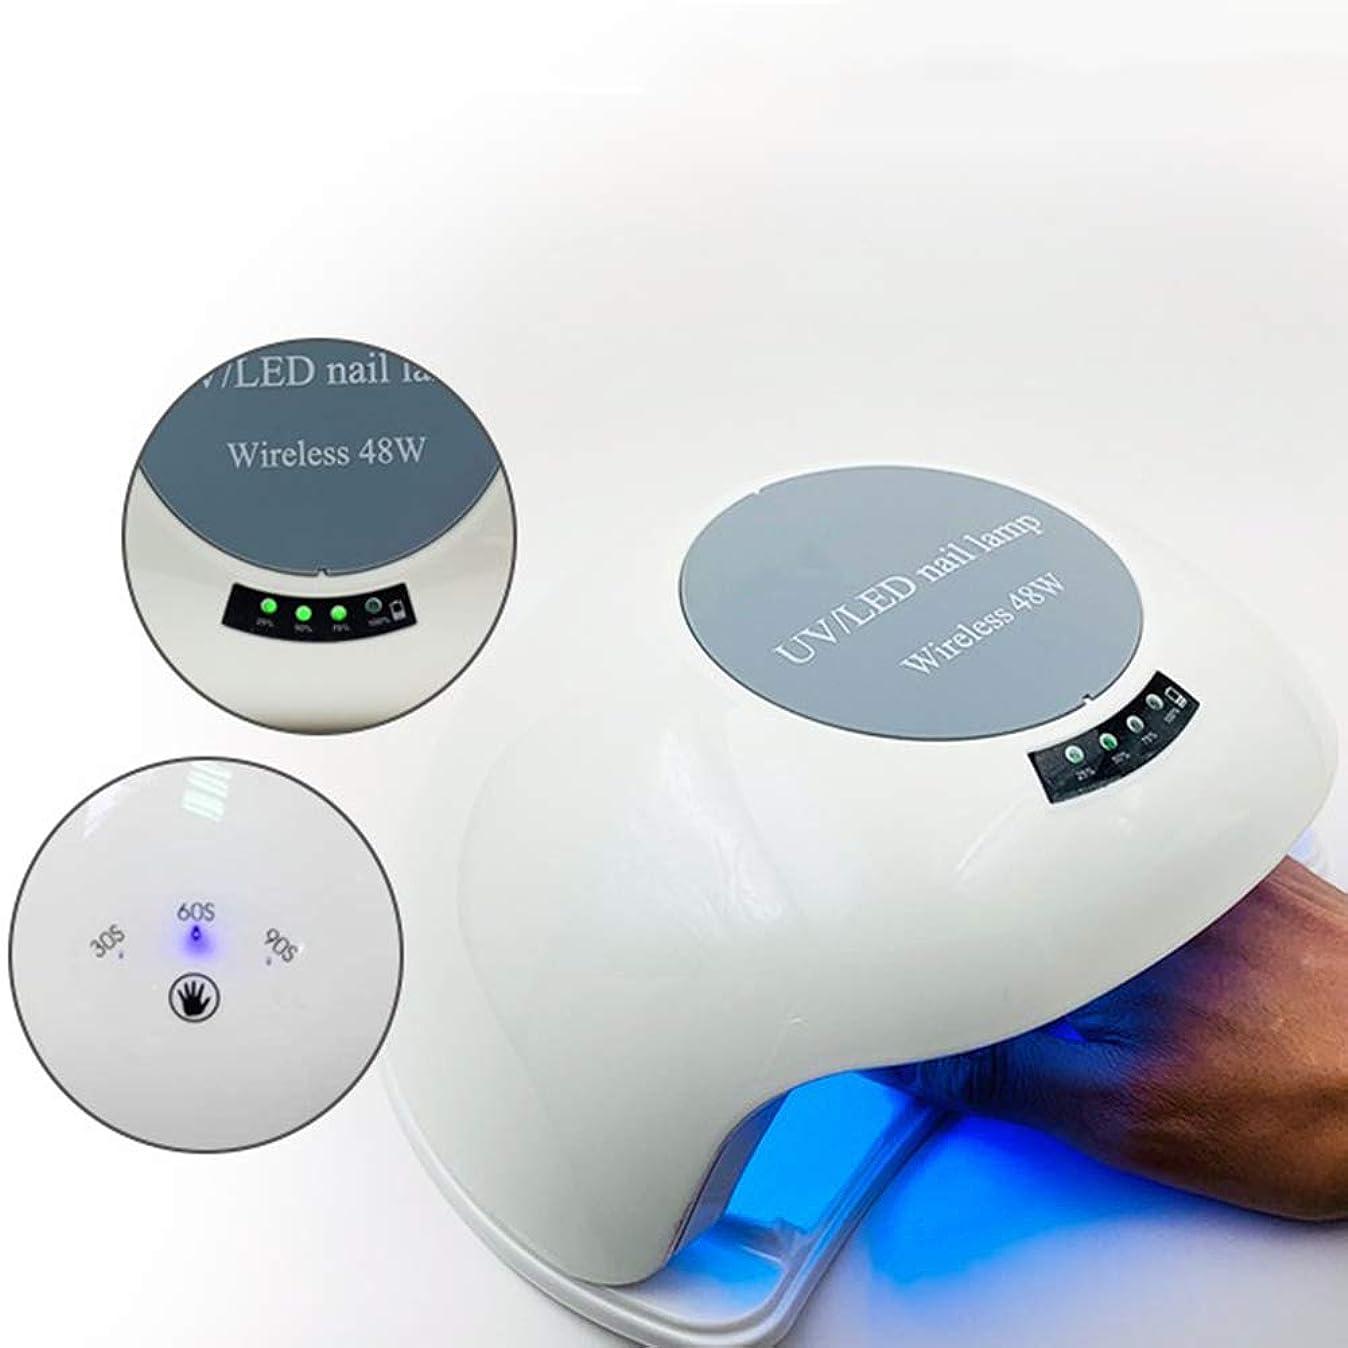 経度忌み嫌うインストラクター48ワットネイル光線療法ランプ、インテリジェント誘導led省エネネイルポリッシュドライヤー、ネイルポリッシュラバーランプ33ランプビーズ